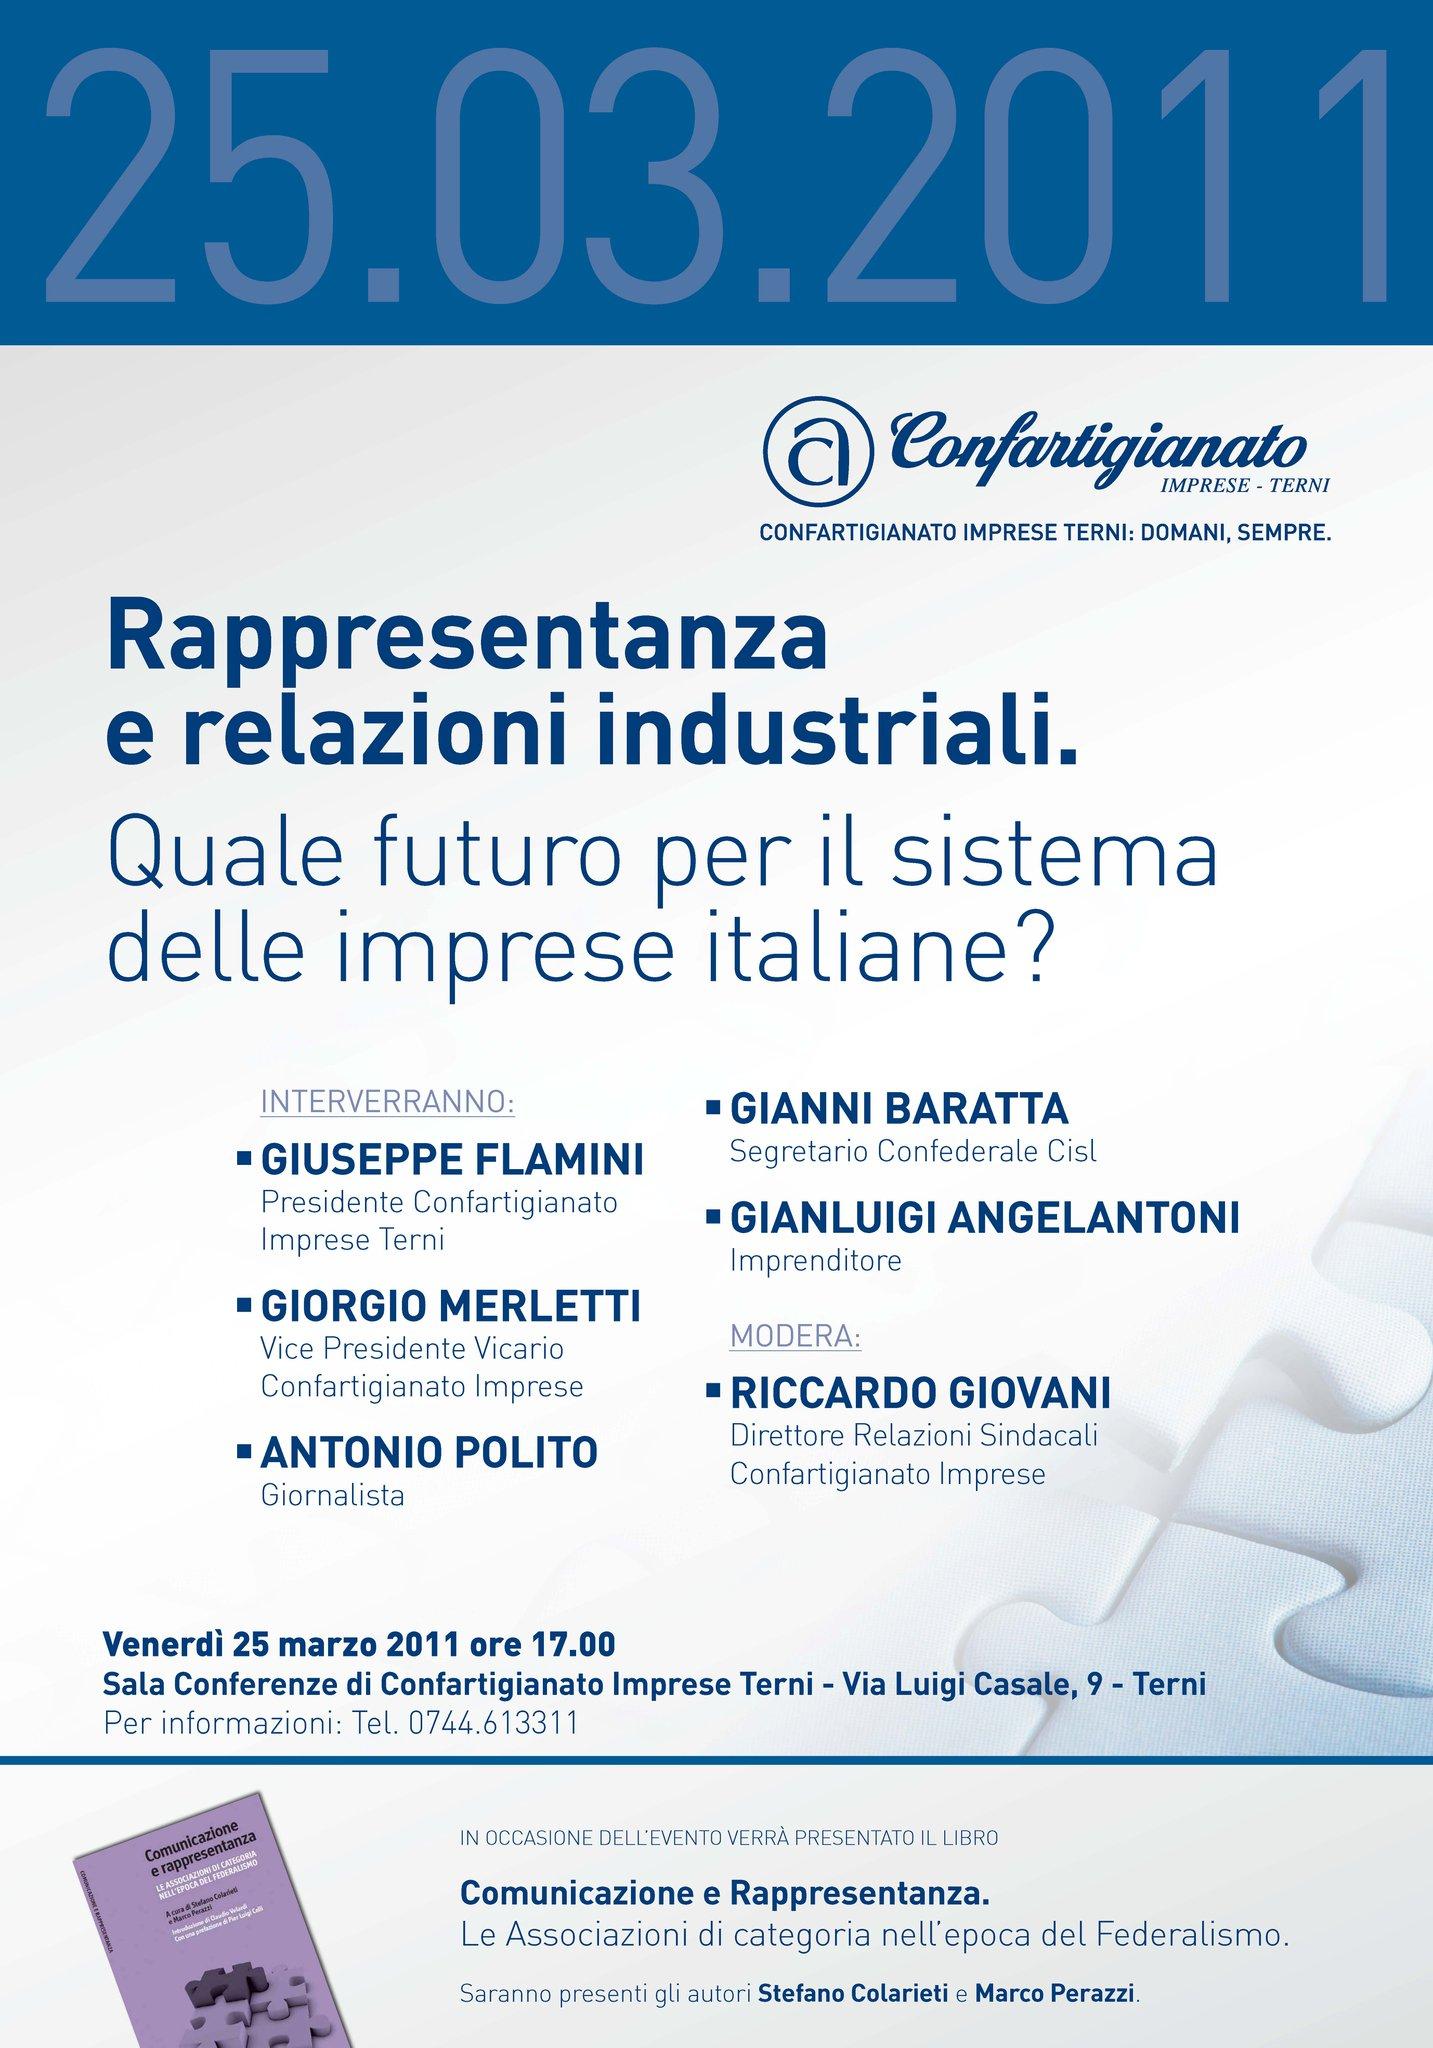 Confartigianato25-03-2011